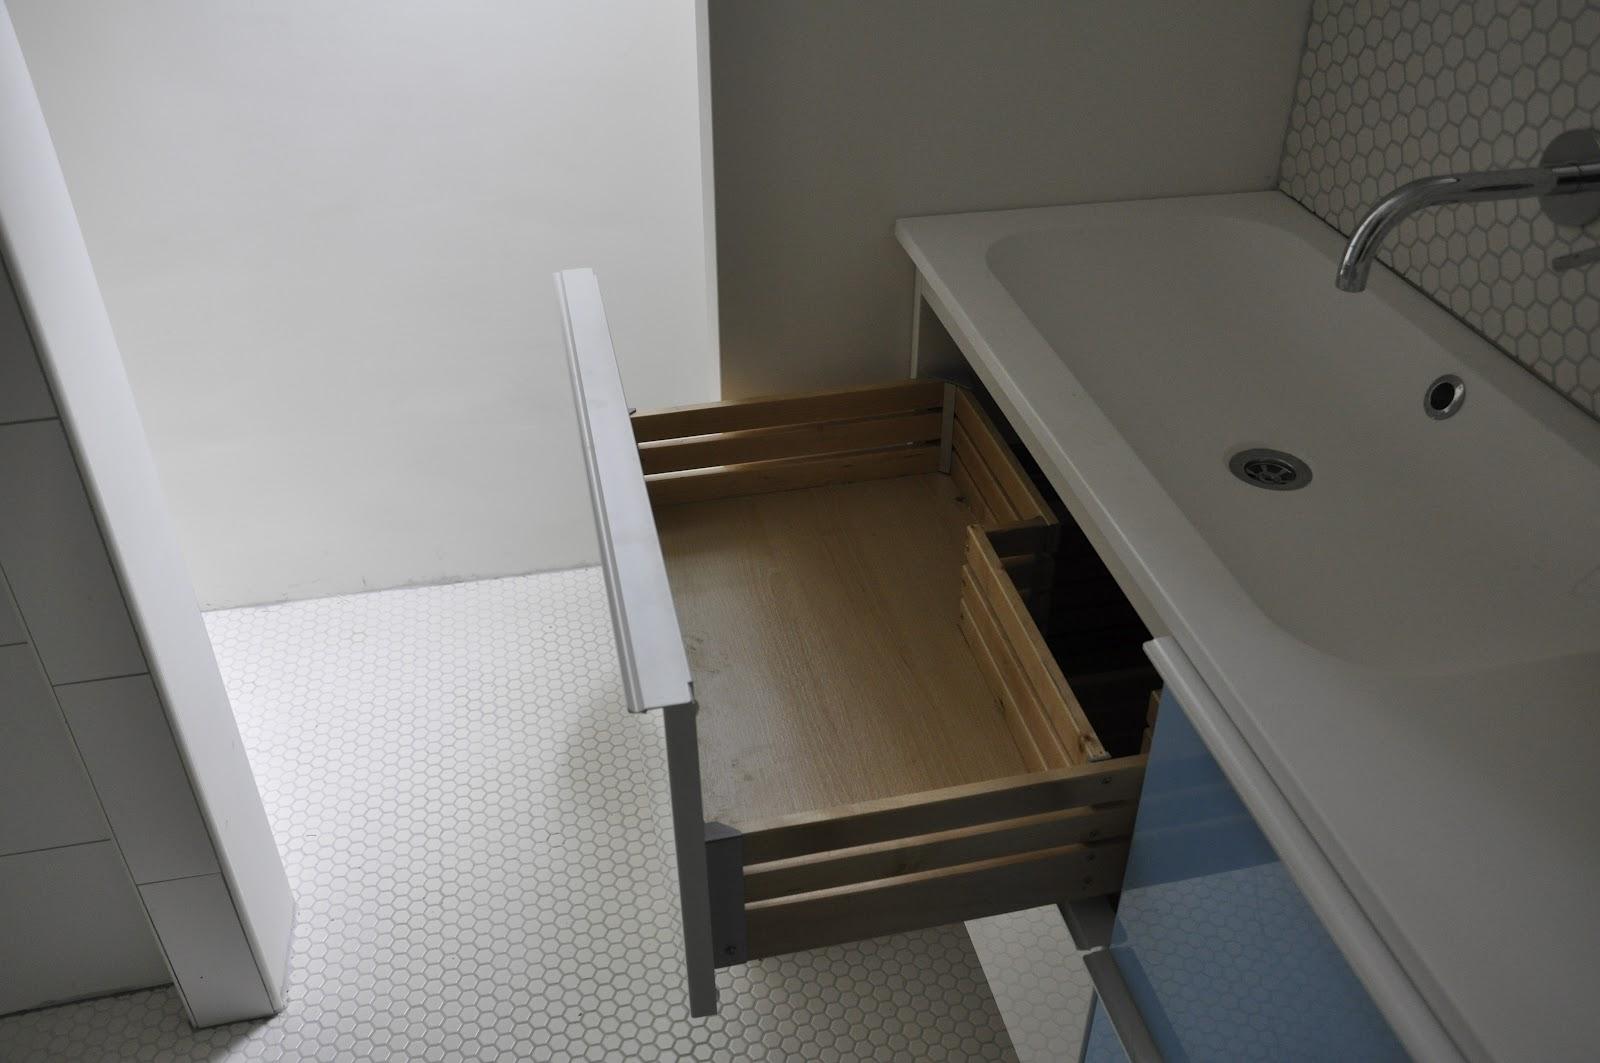 Godmorgon Badkamer Ikea : Ikea badkamer deuren u devolonter